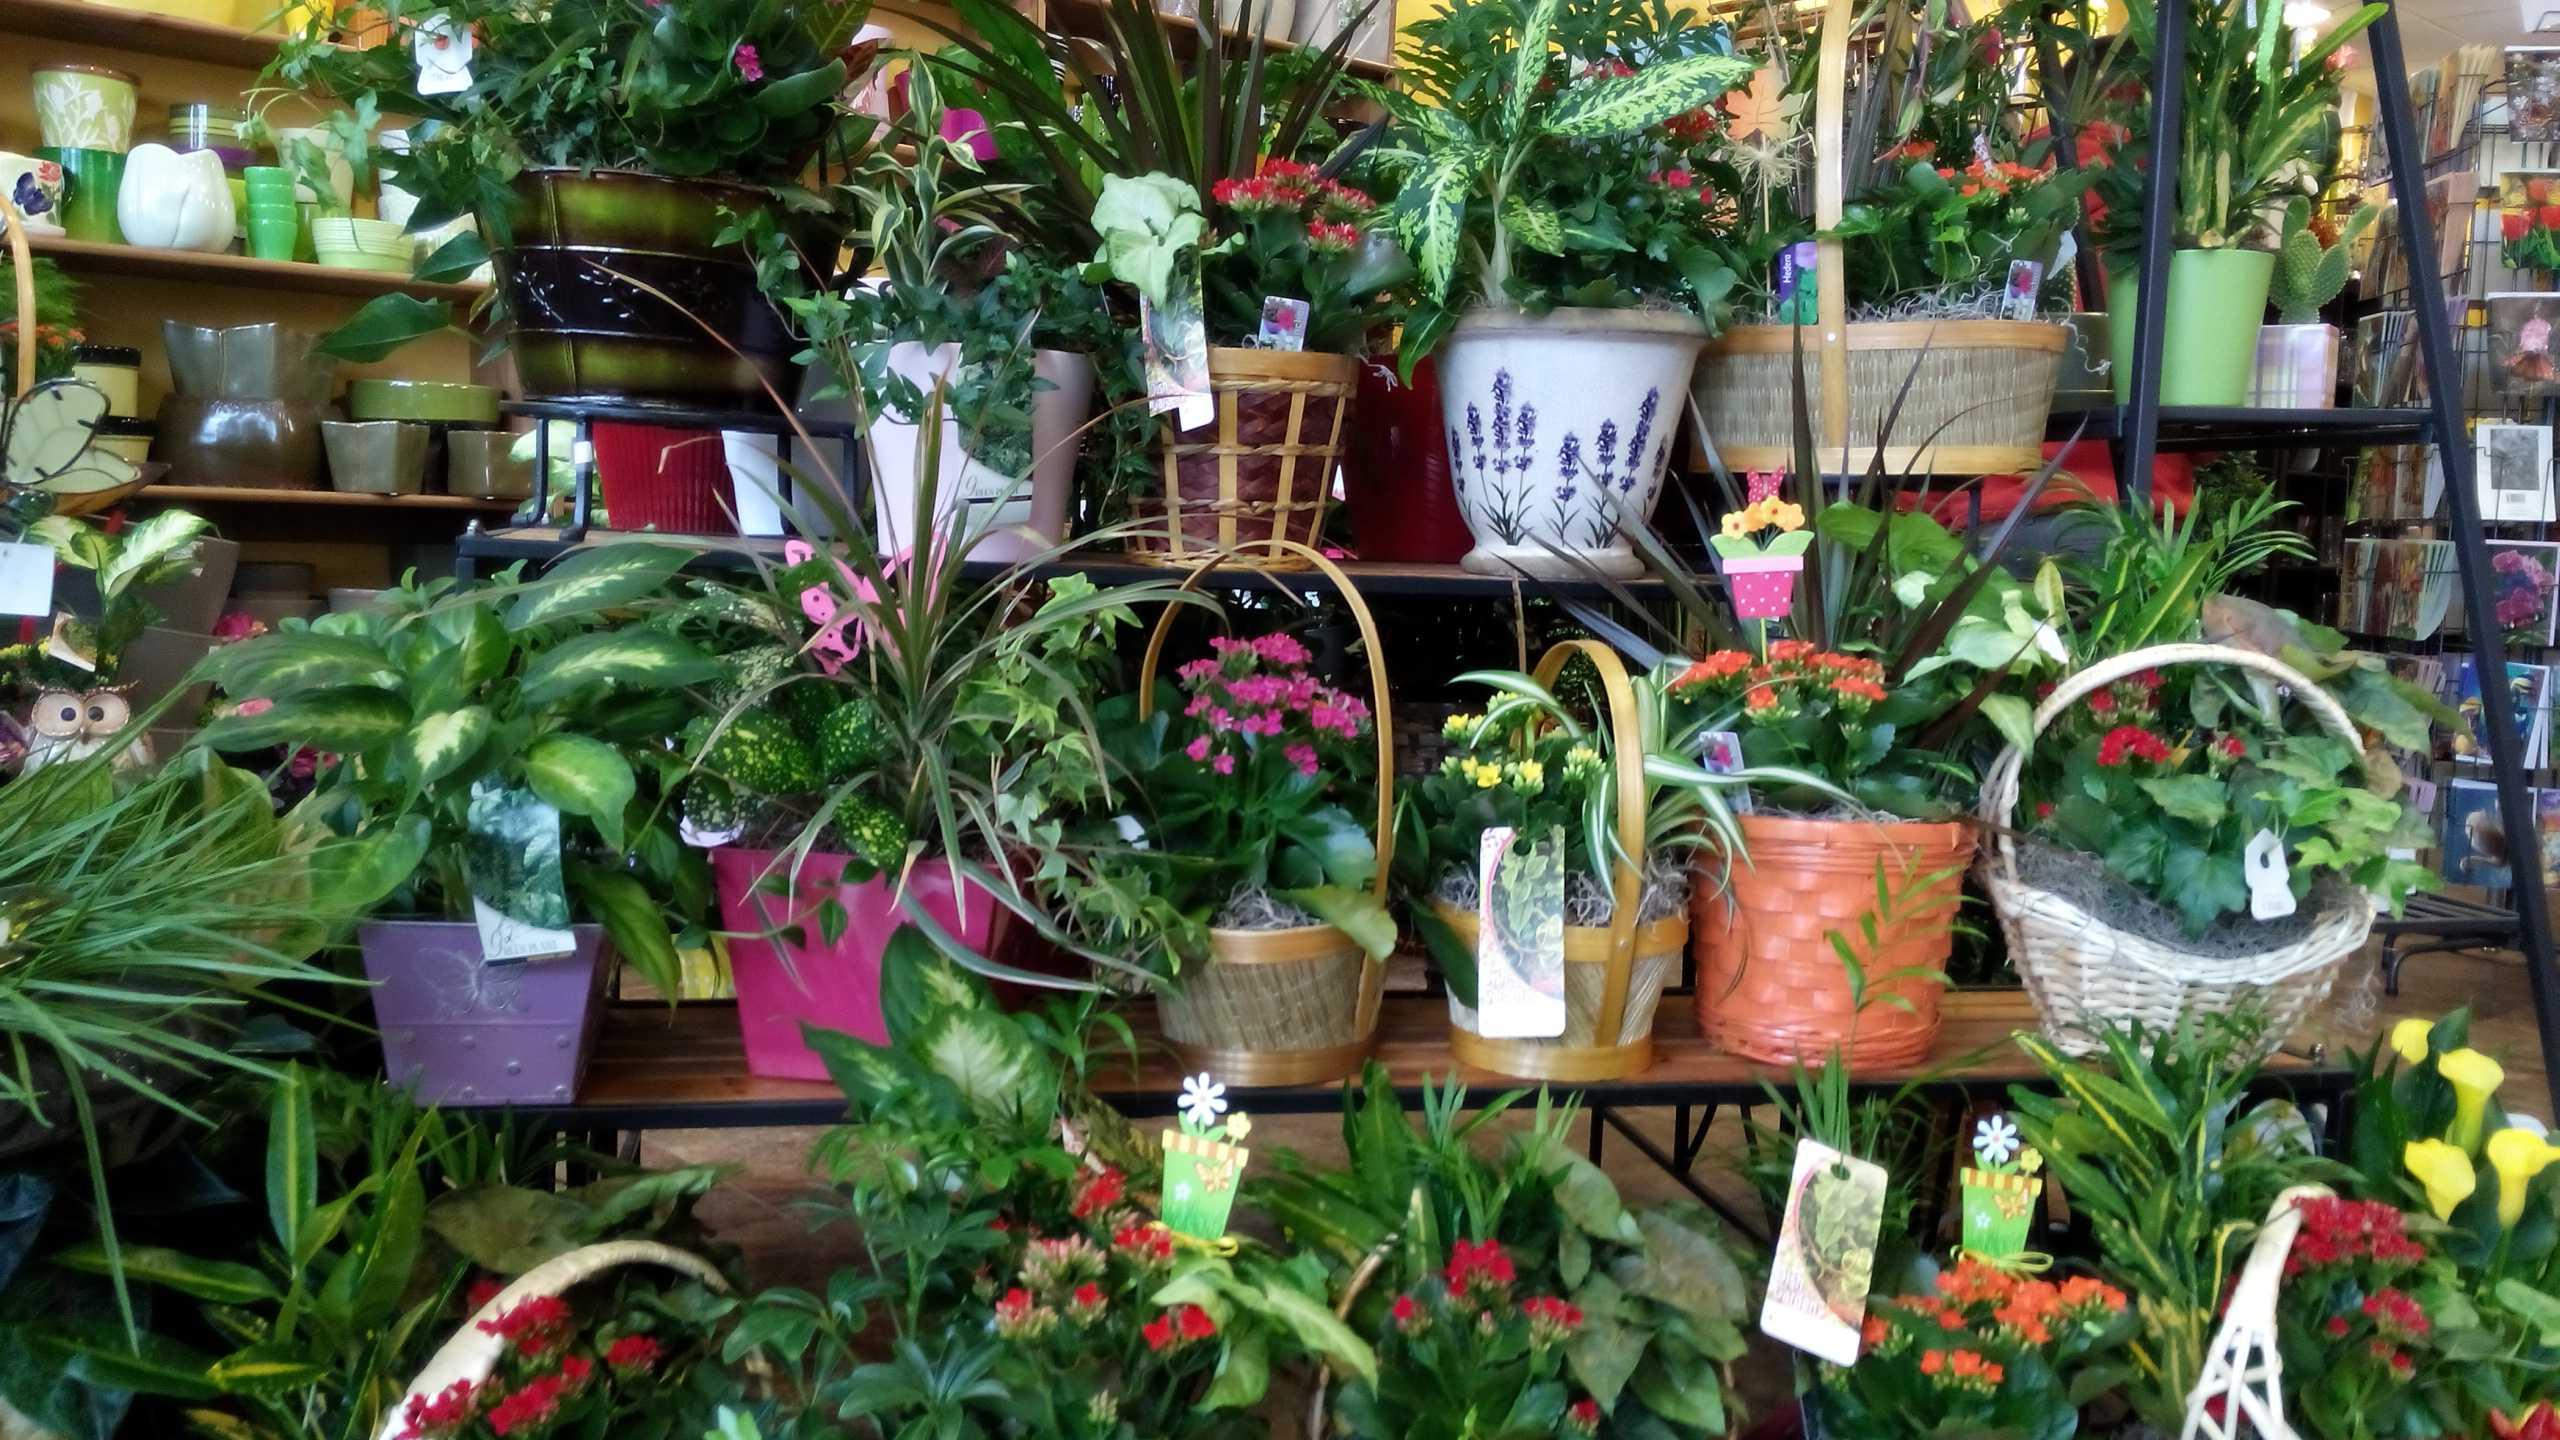 Fleuriste au jardin de sylvie for Au jardin de sylvie